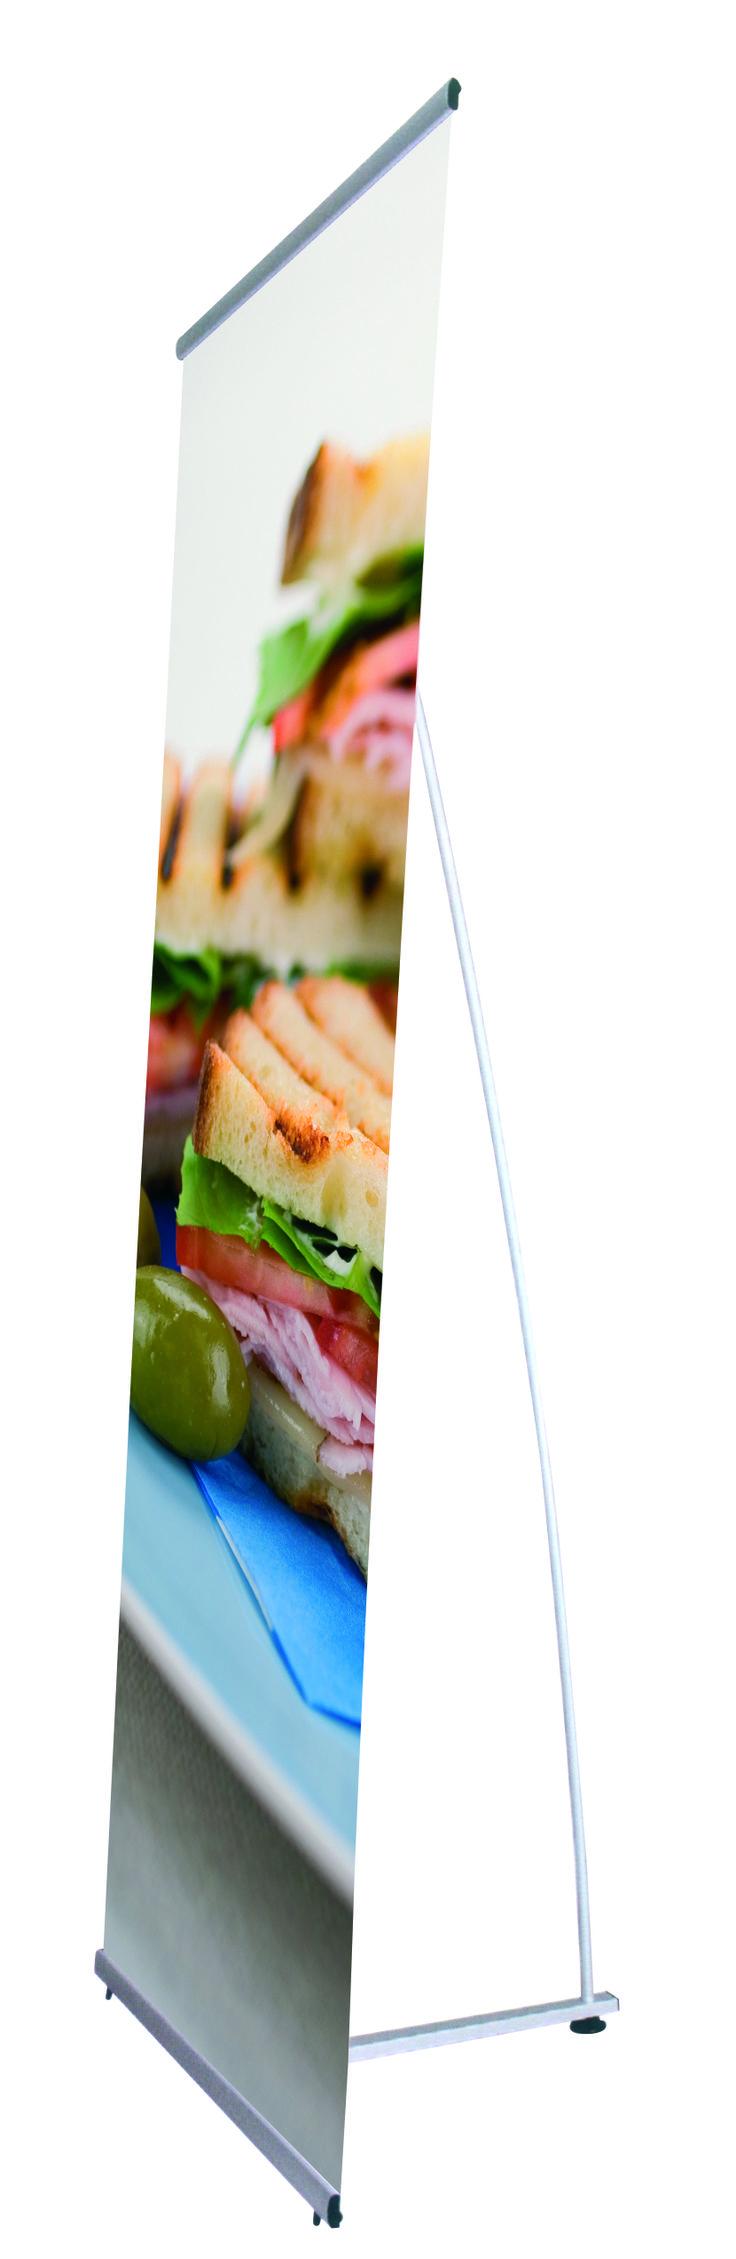 LIGHT BANNER - Un design essenziale con una struttura in alluminio di facile montaggio con profili clic/clac per un cambio rapido della grafica. Con la sua leggerezza è facilmente trasportabile per un'utilizzo durante manifestazioni e convegni. Ideale per organizzare campagne promozionale su punti vendita. Dimensioni: L. 80, 100 cm - H. 200 cm